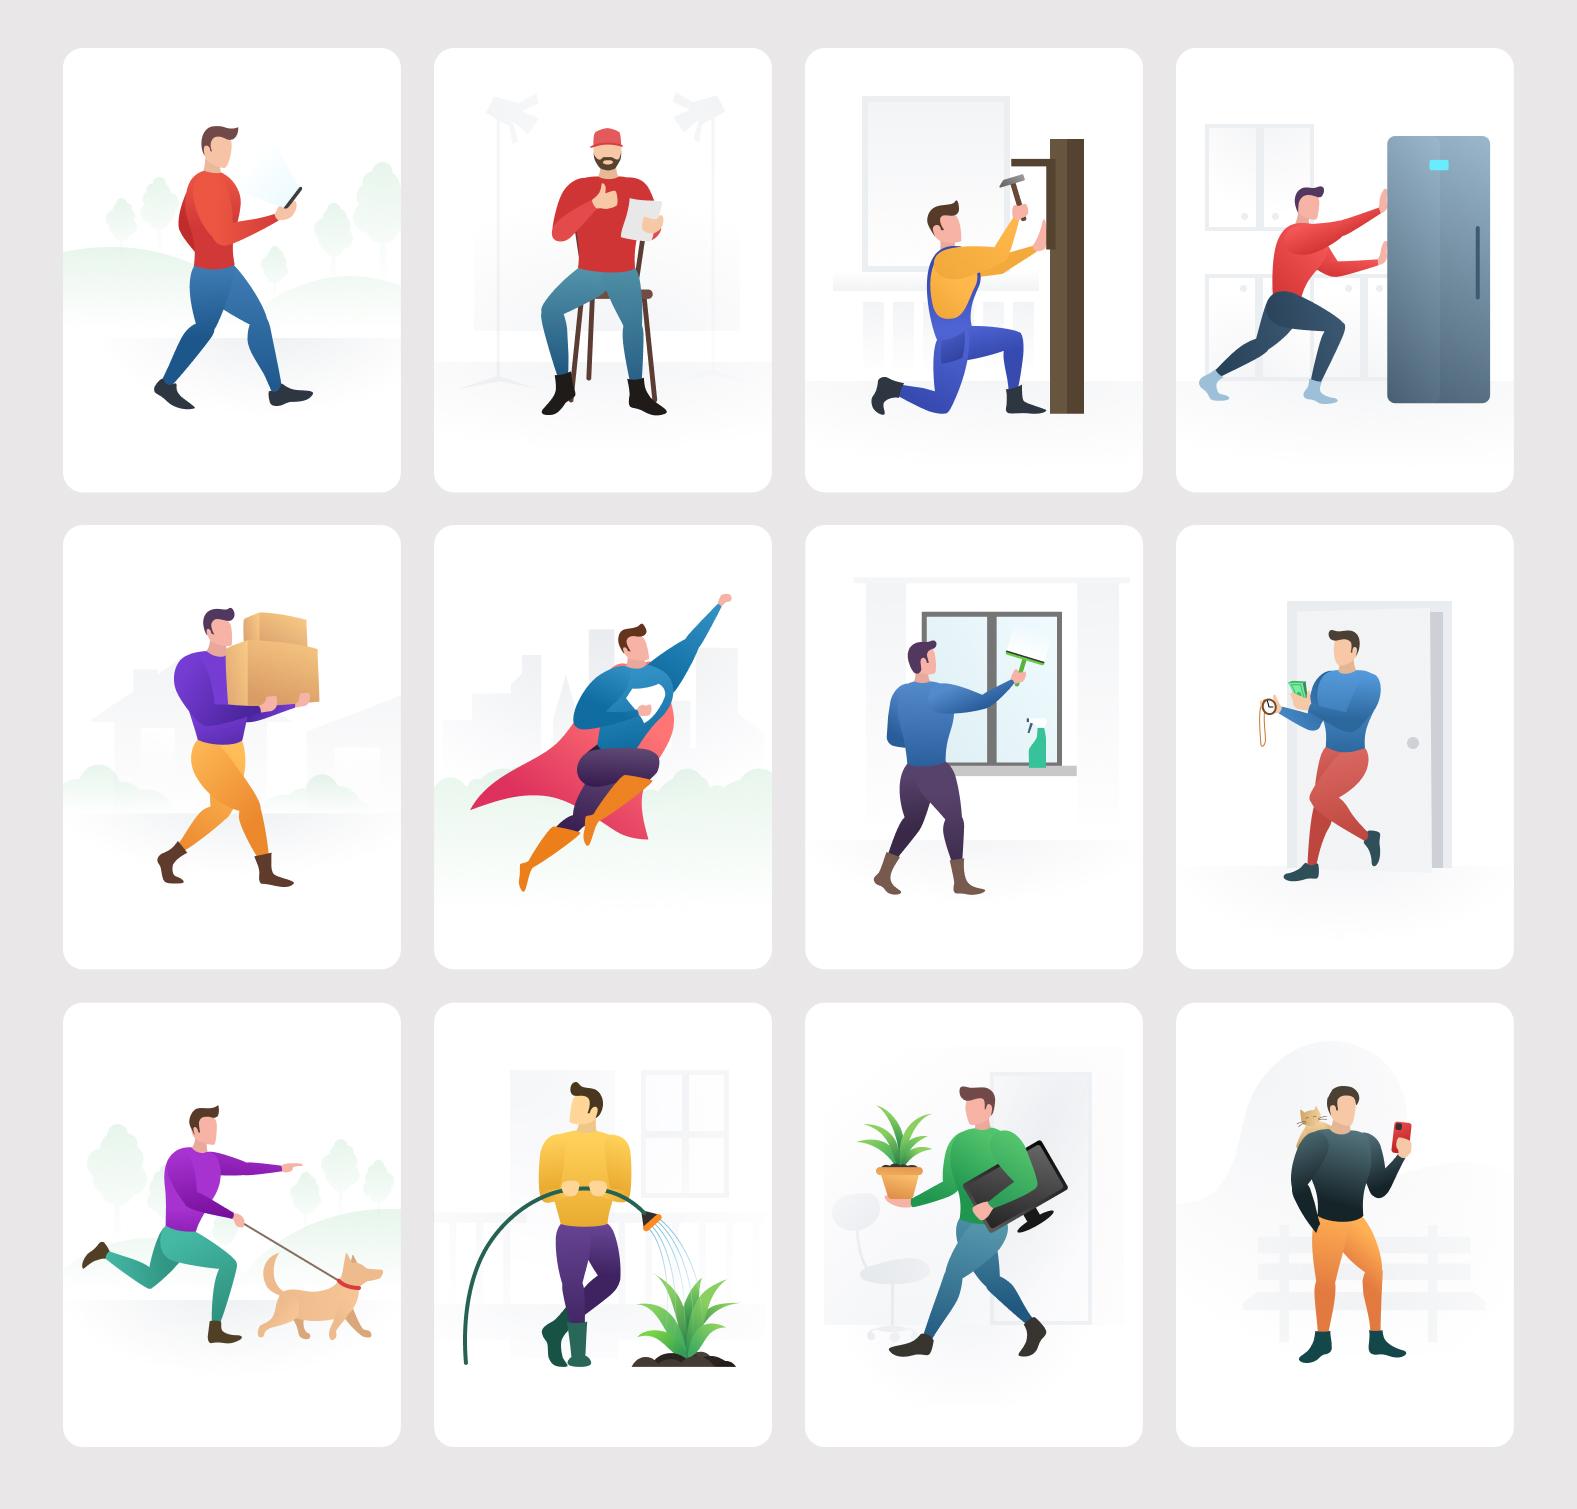 家庭佣人主题免费插画素材包插图